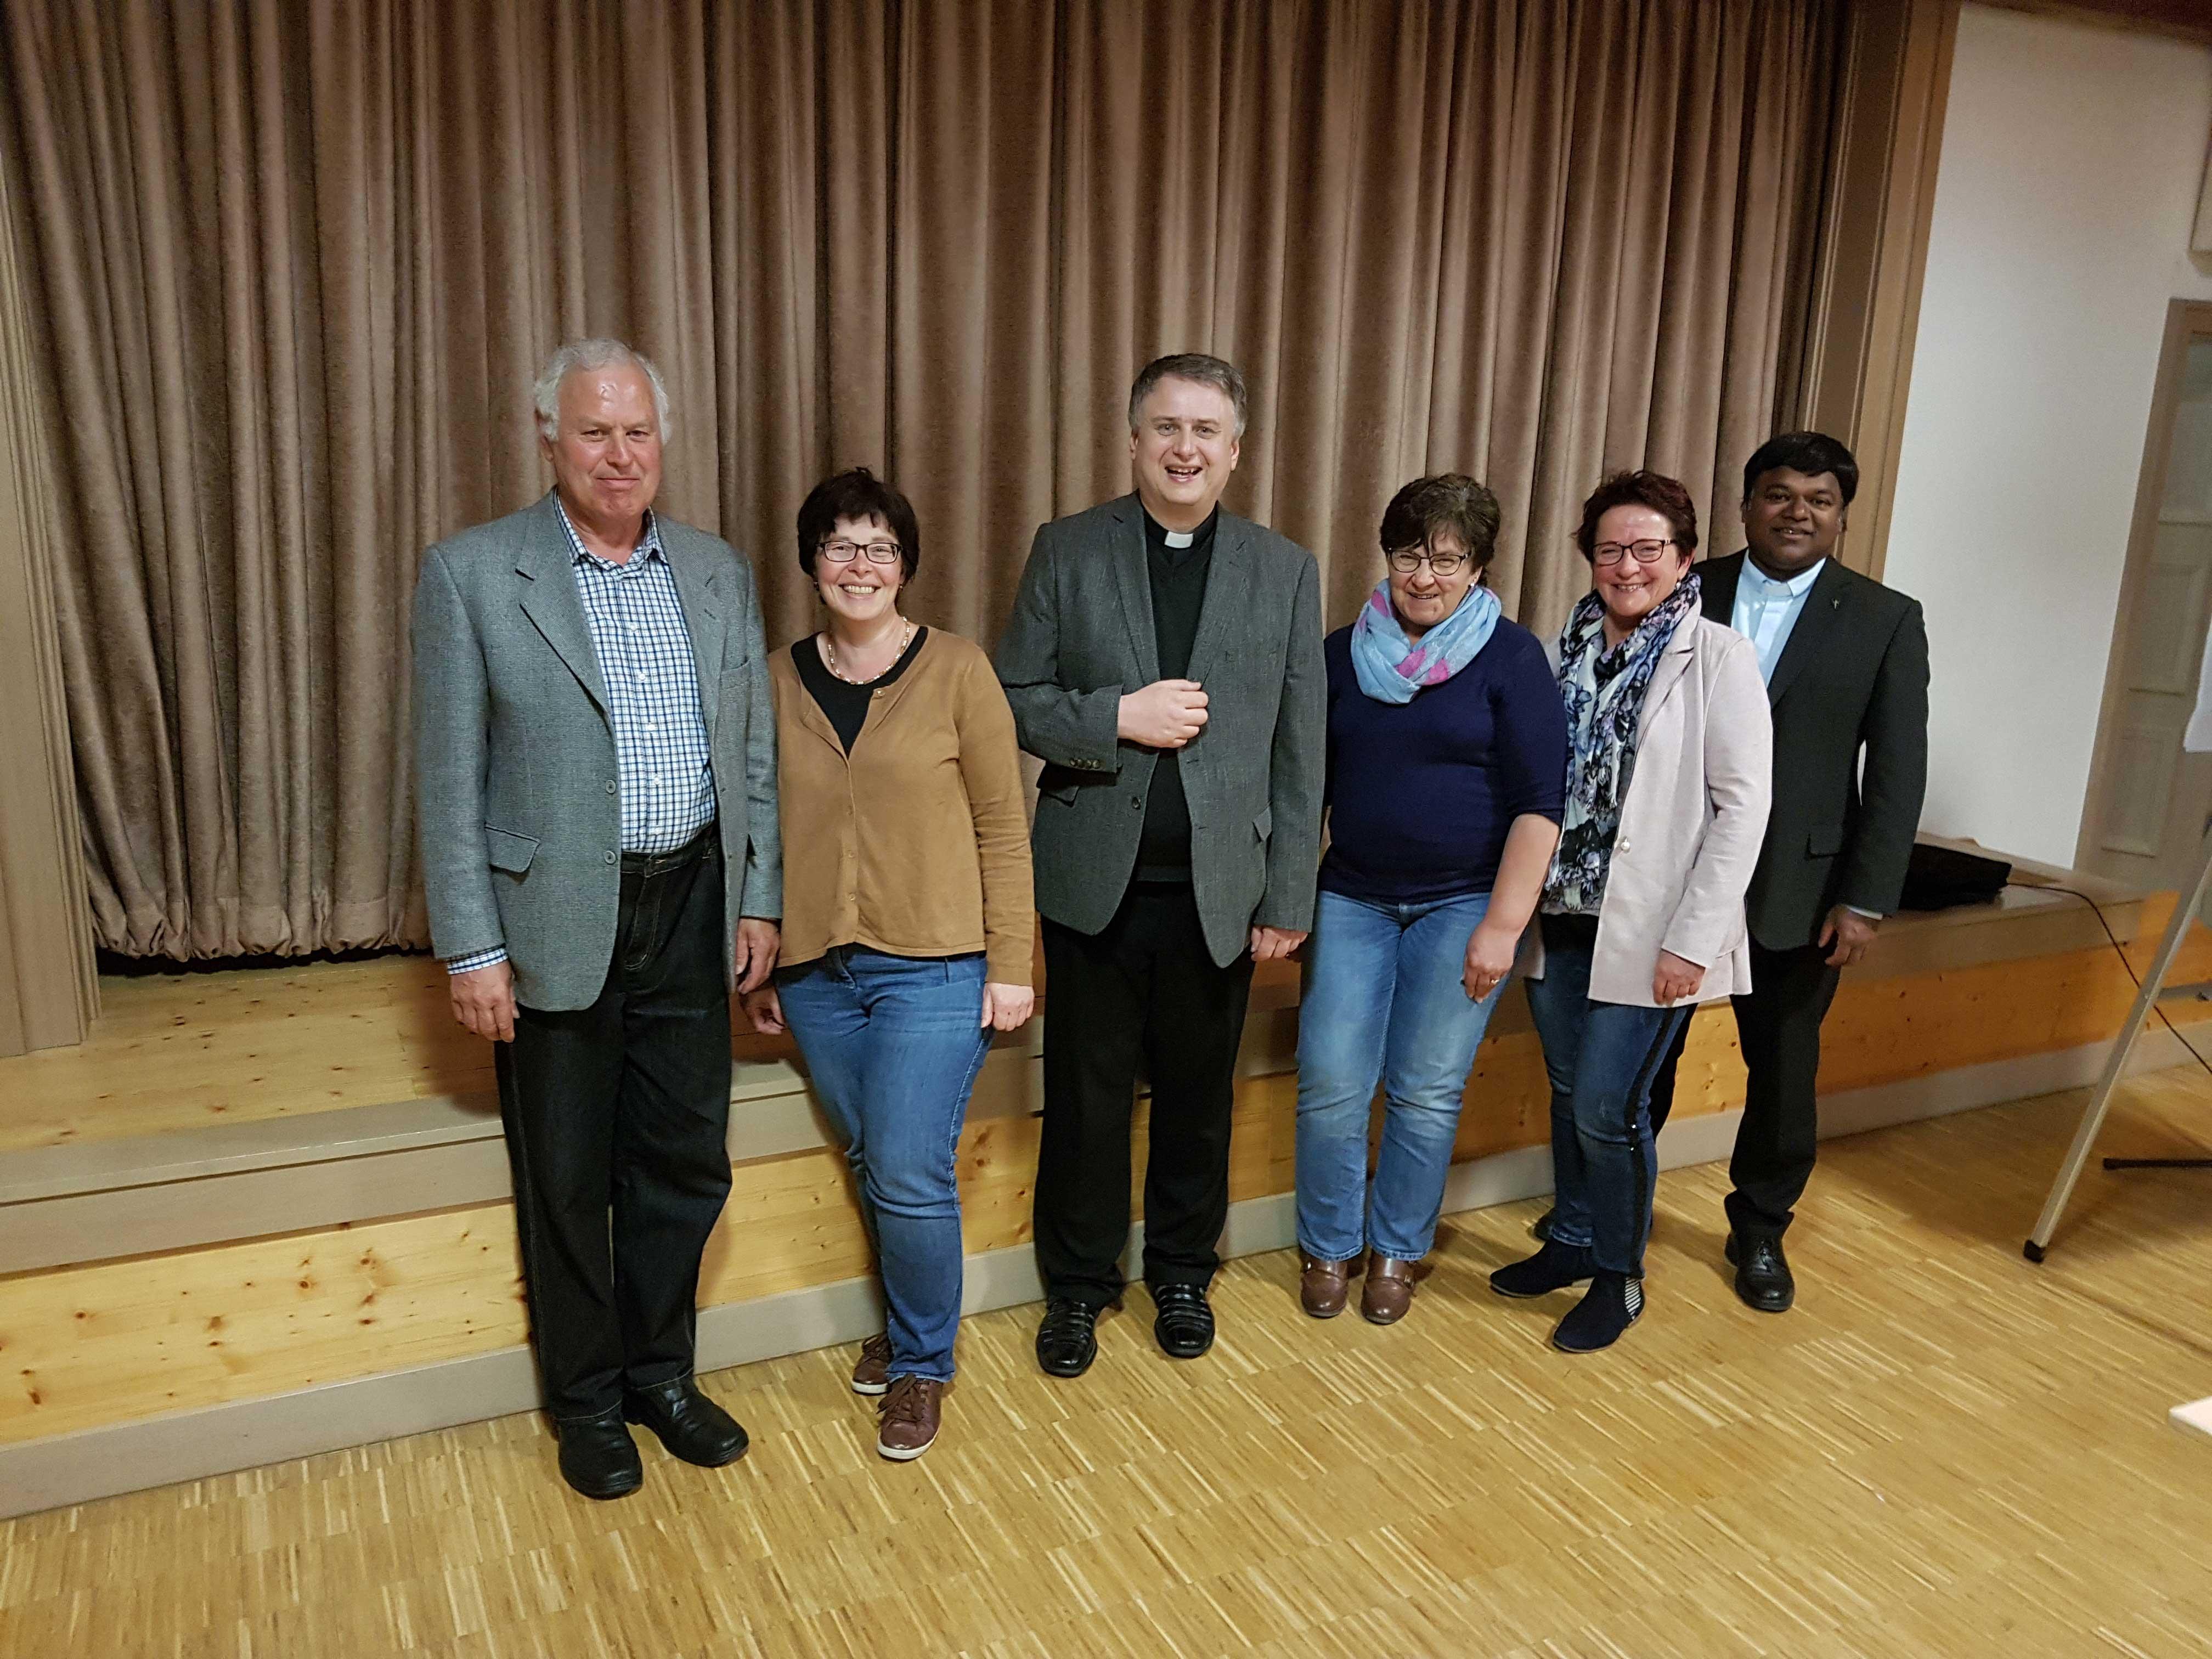 BDer Vorstand mit Karl Dolp, Brigitte Röhricht, Dekan Andreas Straub, Petra Pistel (1. Vorsitzende), Elisabeth Mayer und Prodekan Eli Fernandes (von links).